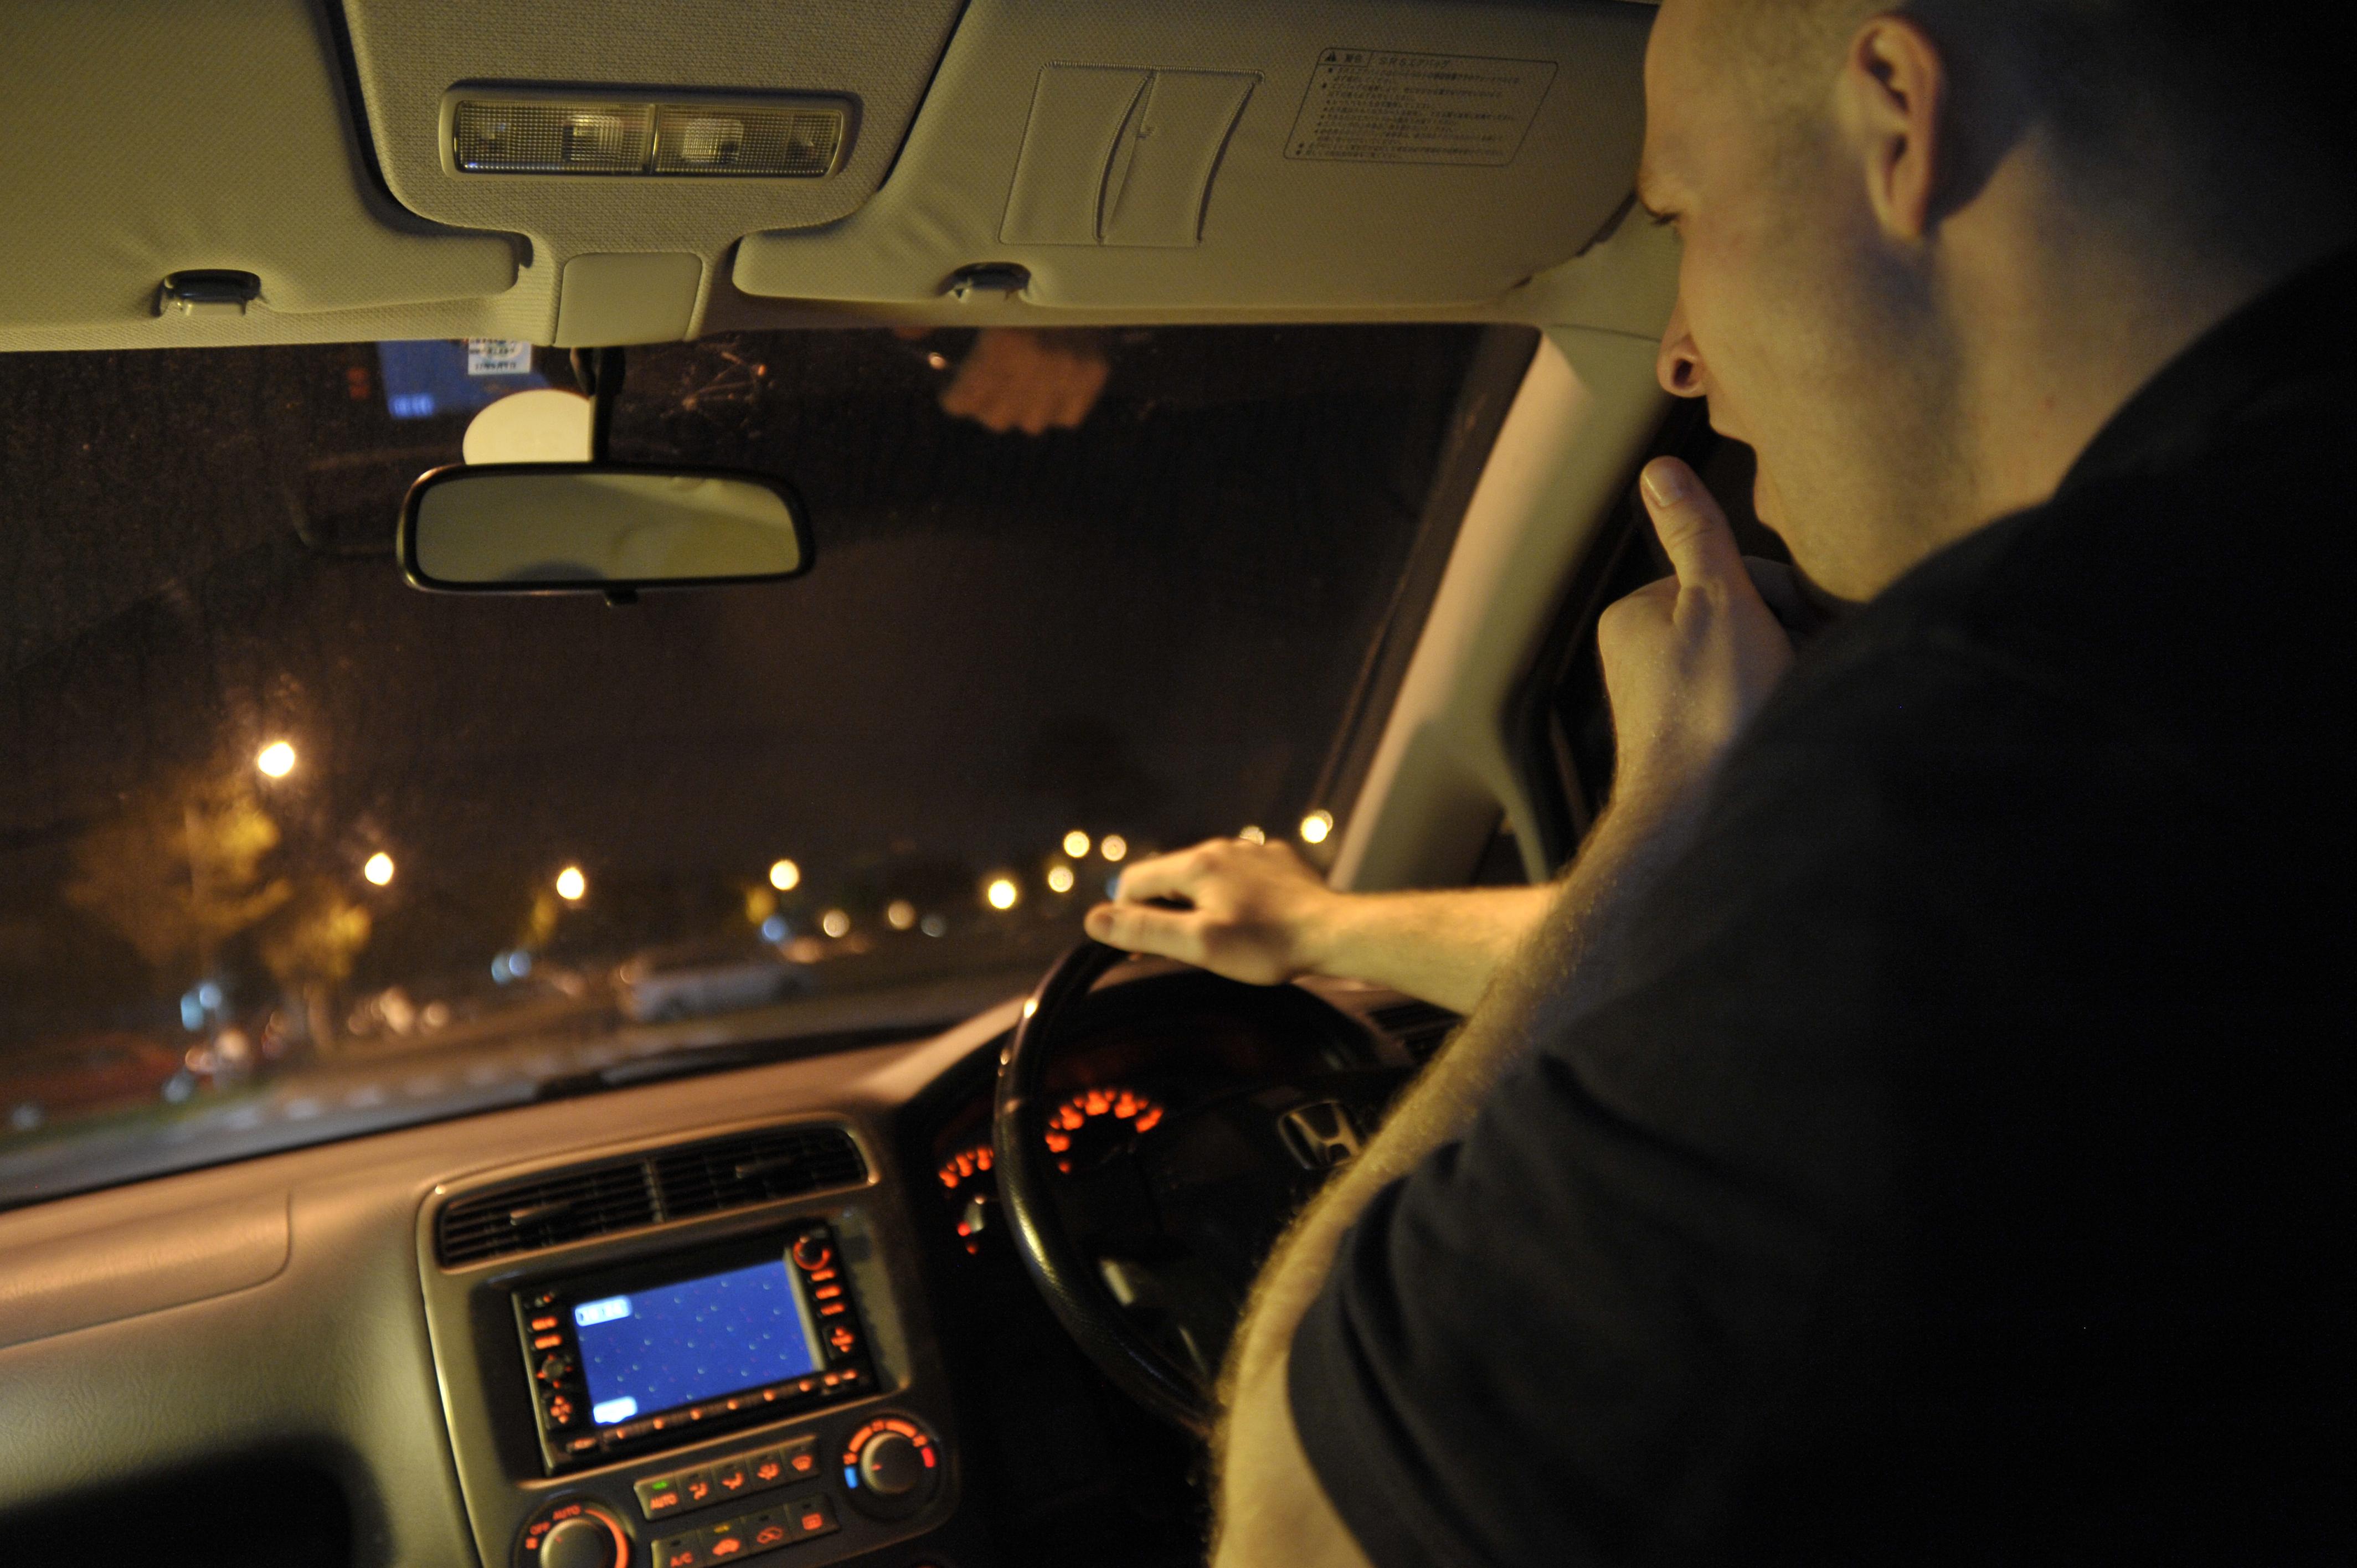 sleep while car